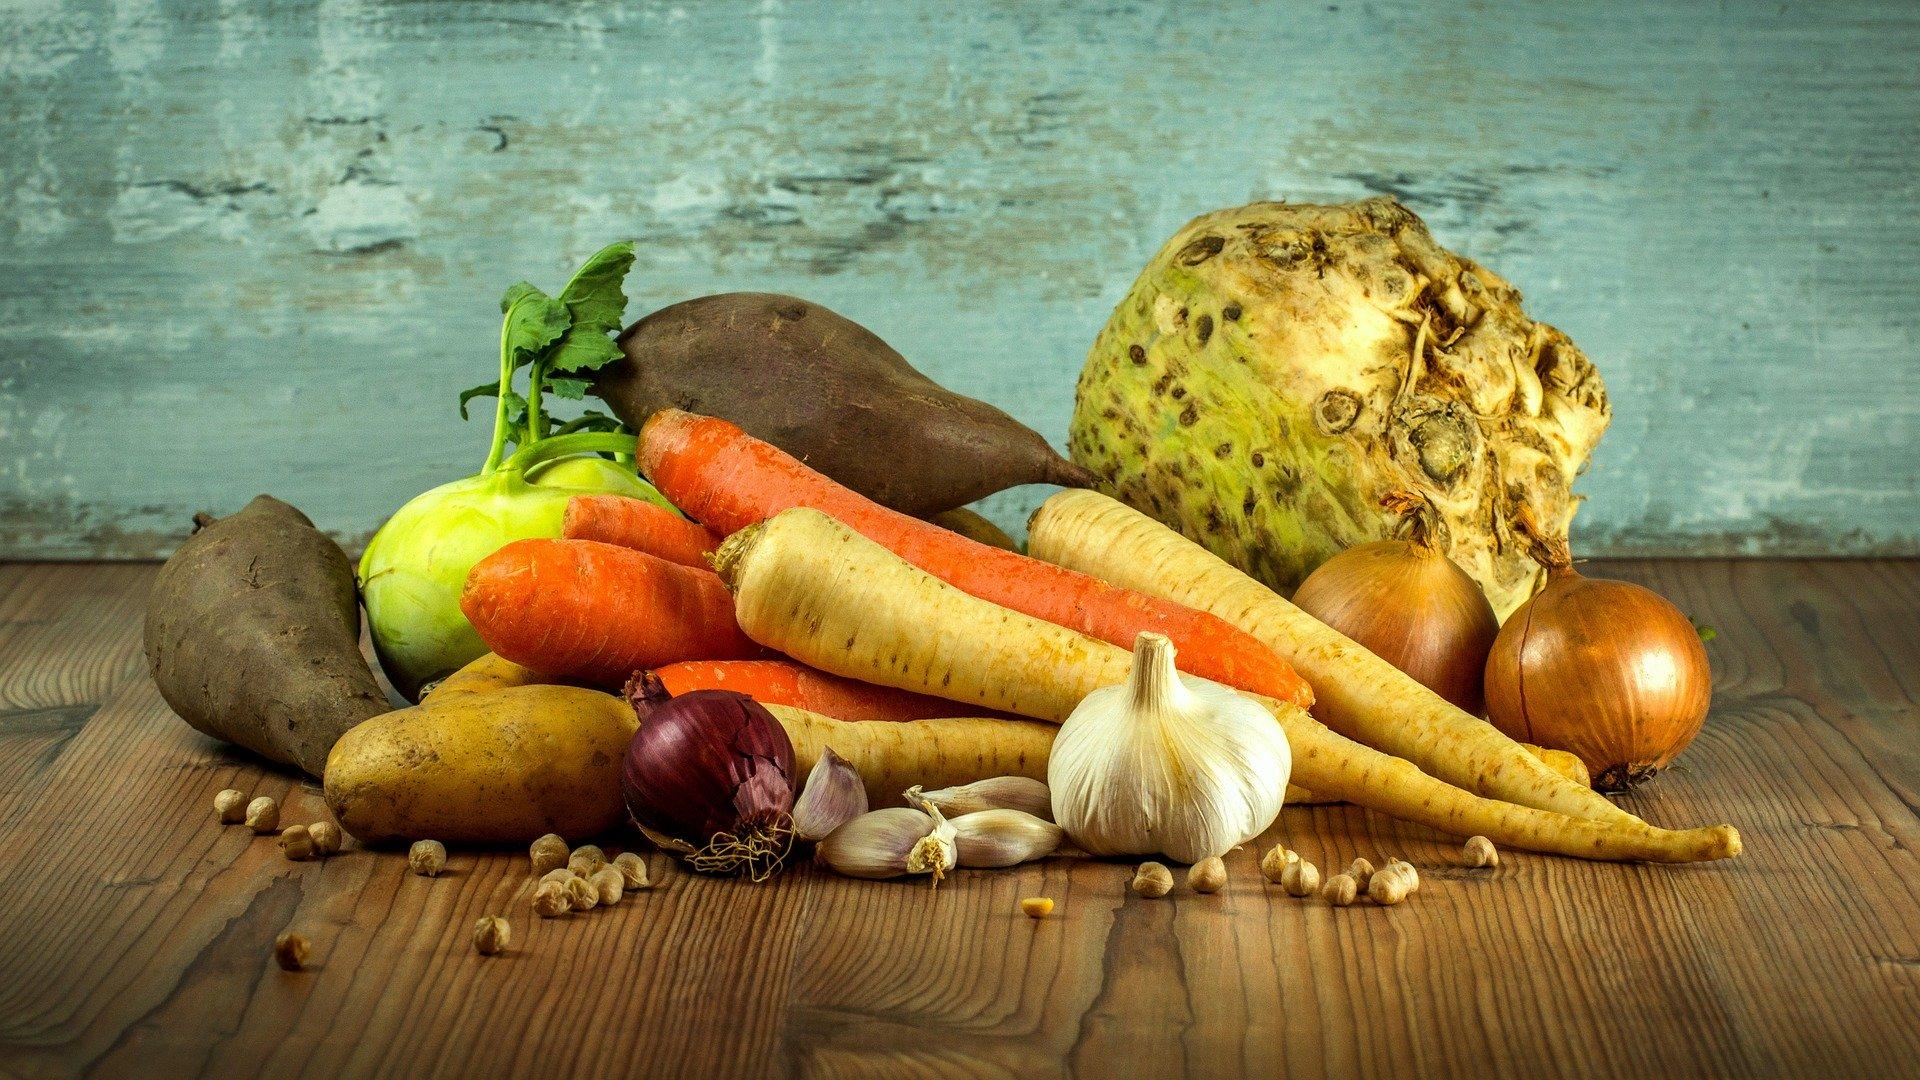 Online Betriebsbefragung zur Agrar- und Ernährungswirtschaft